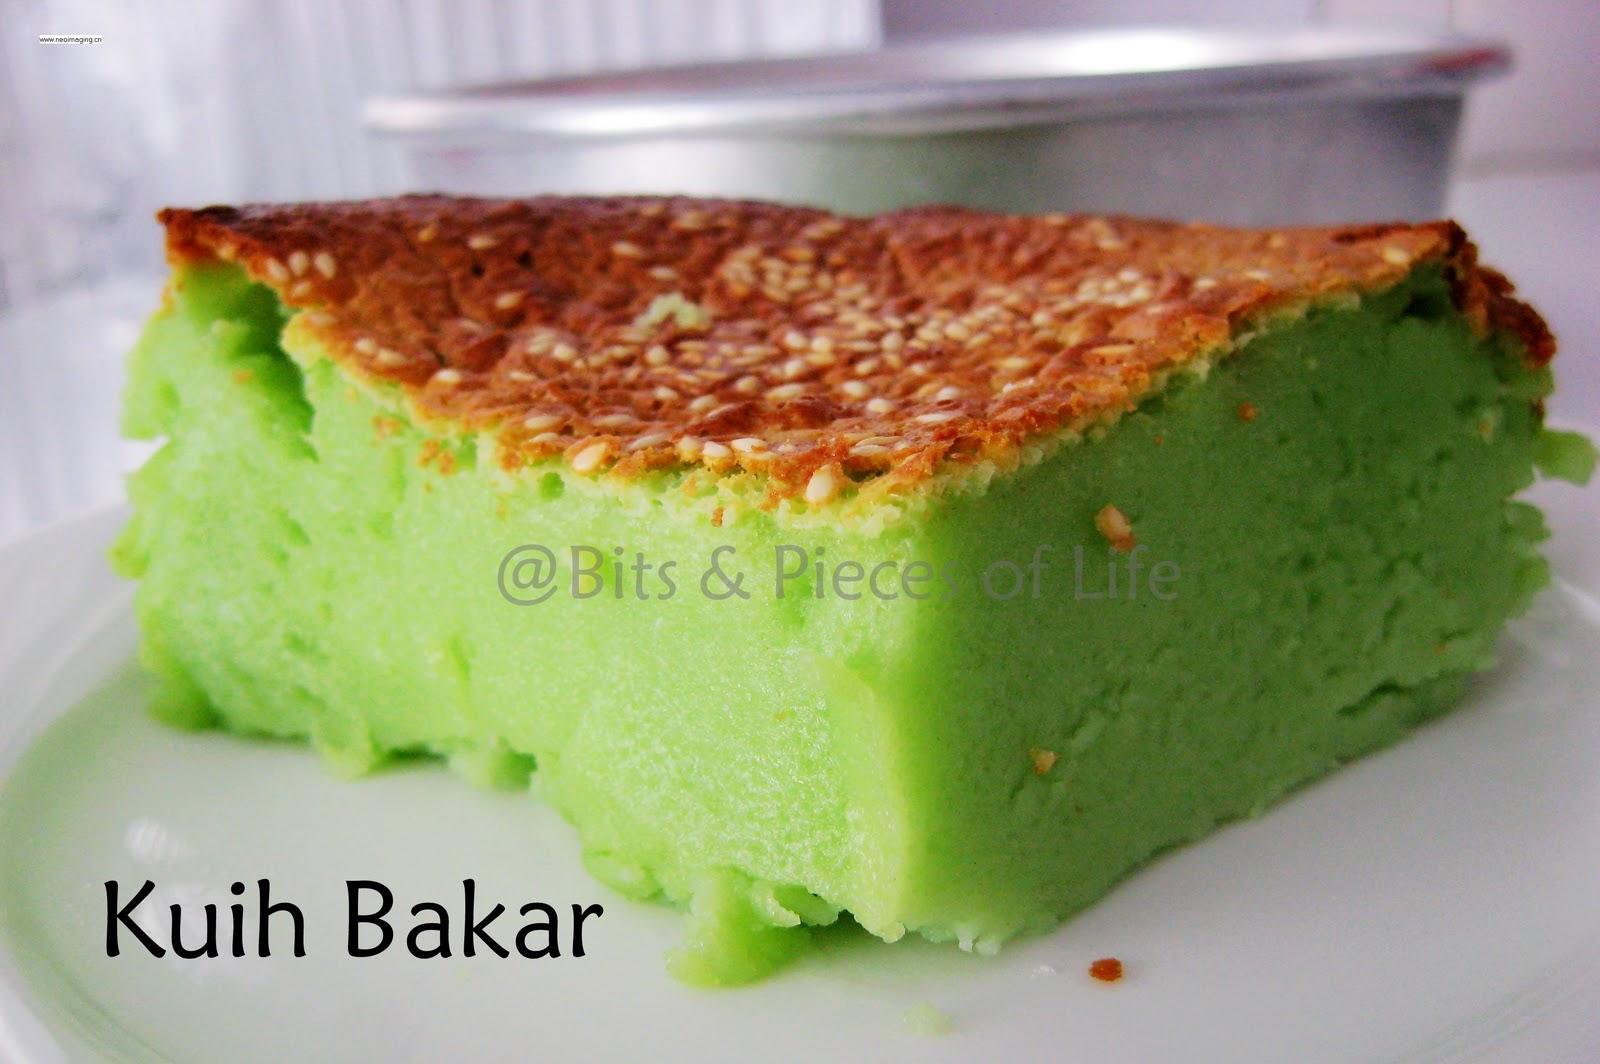 BITS & PIECES OF LIFE: Kuih Bakar